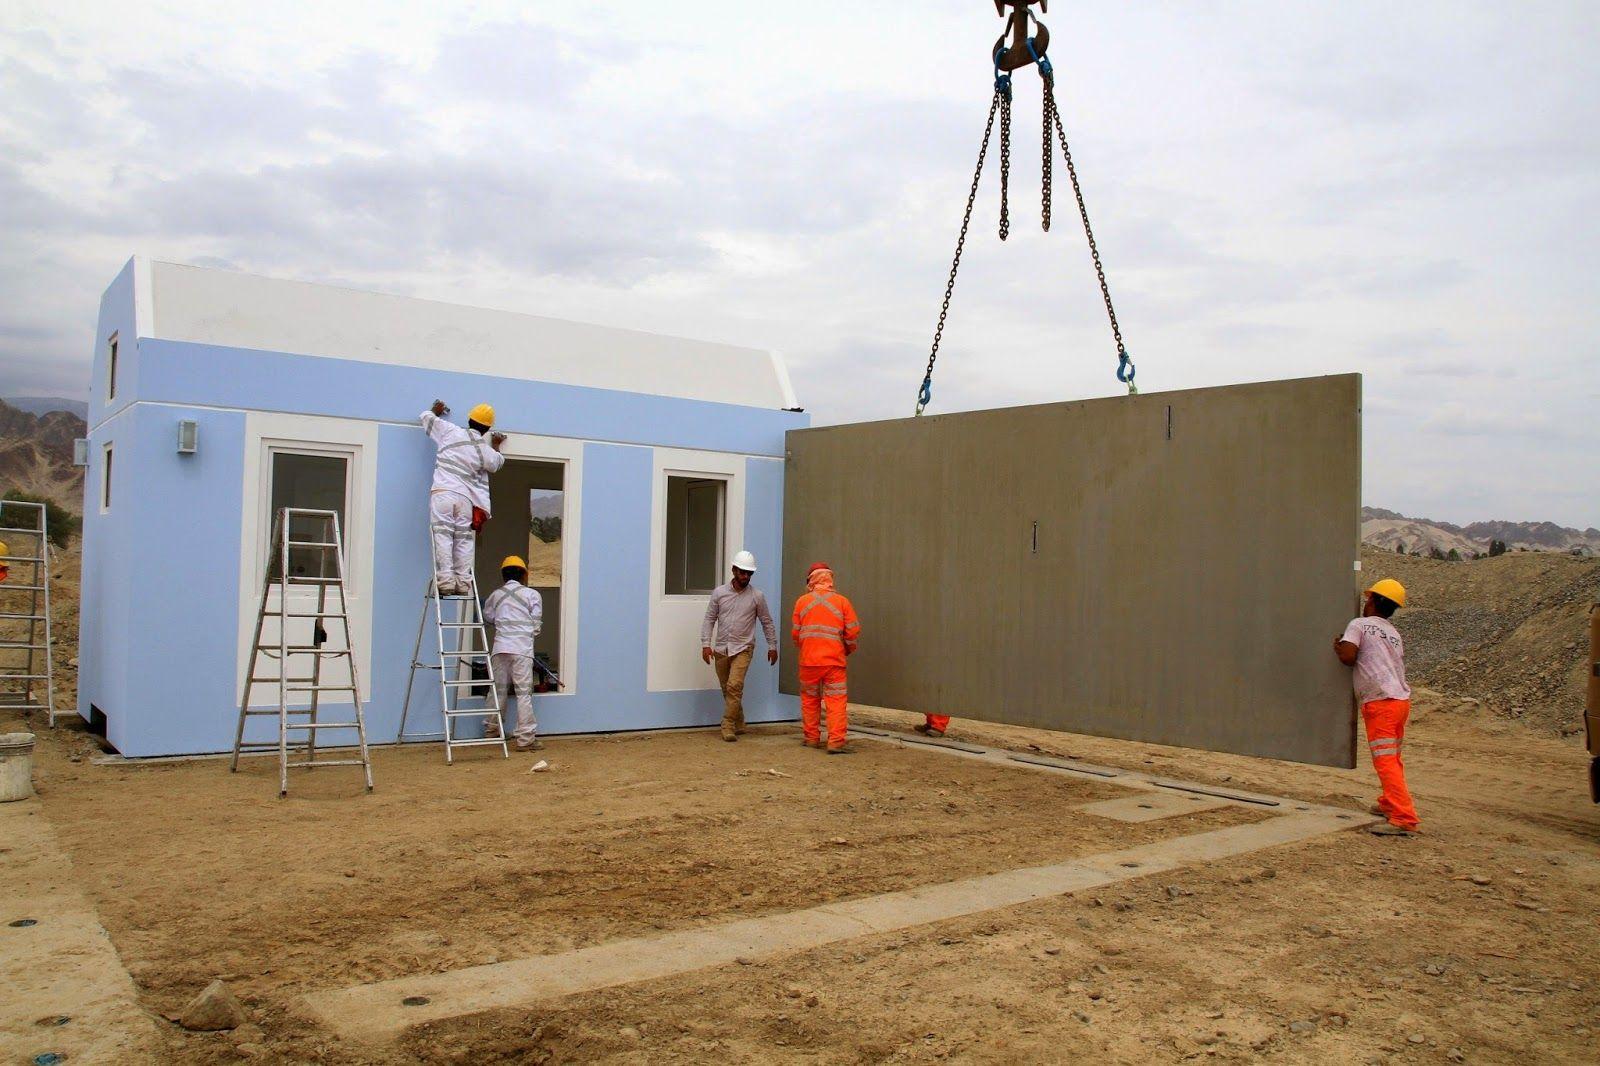 Modular Home Builder Concrete Modular Homes Being Produced In Peru Casas Modulares Casas Modulares